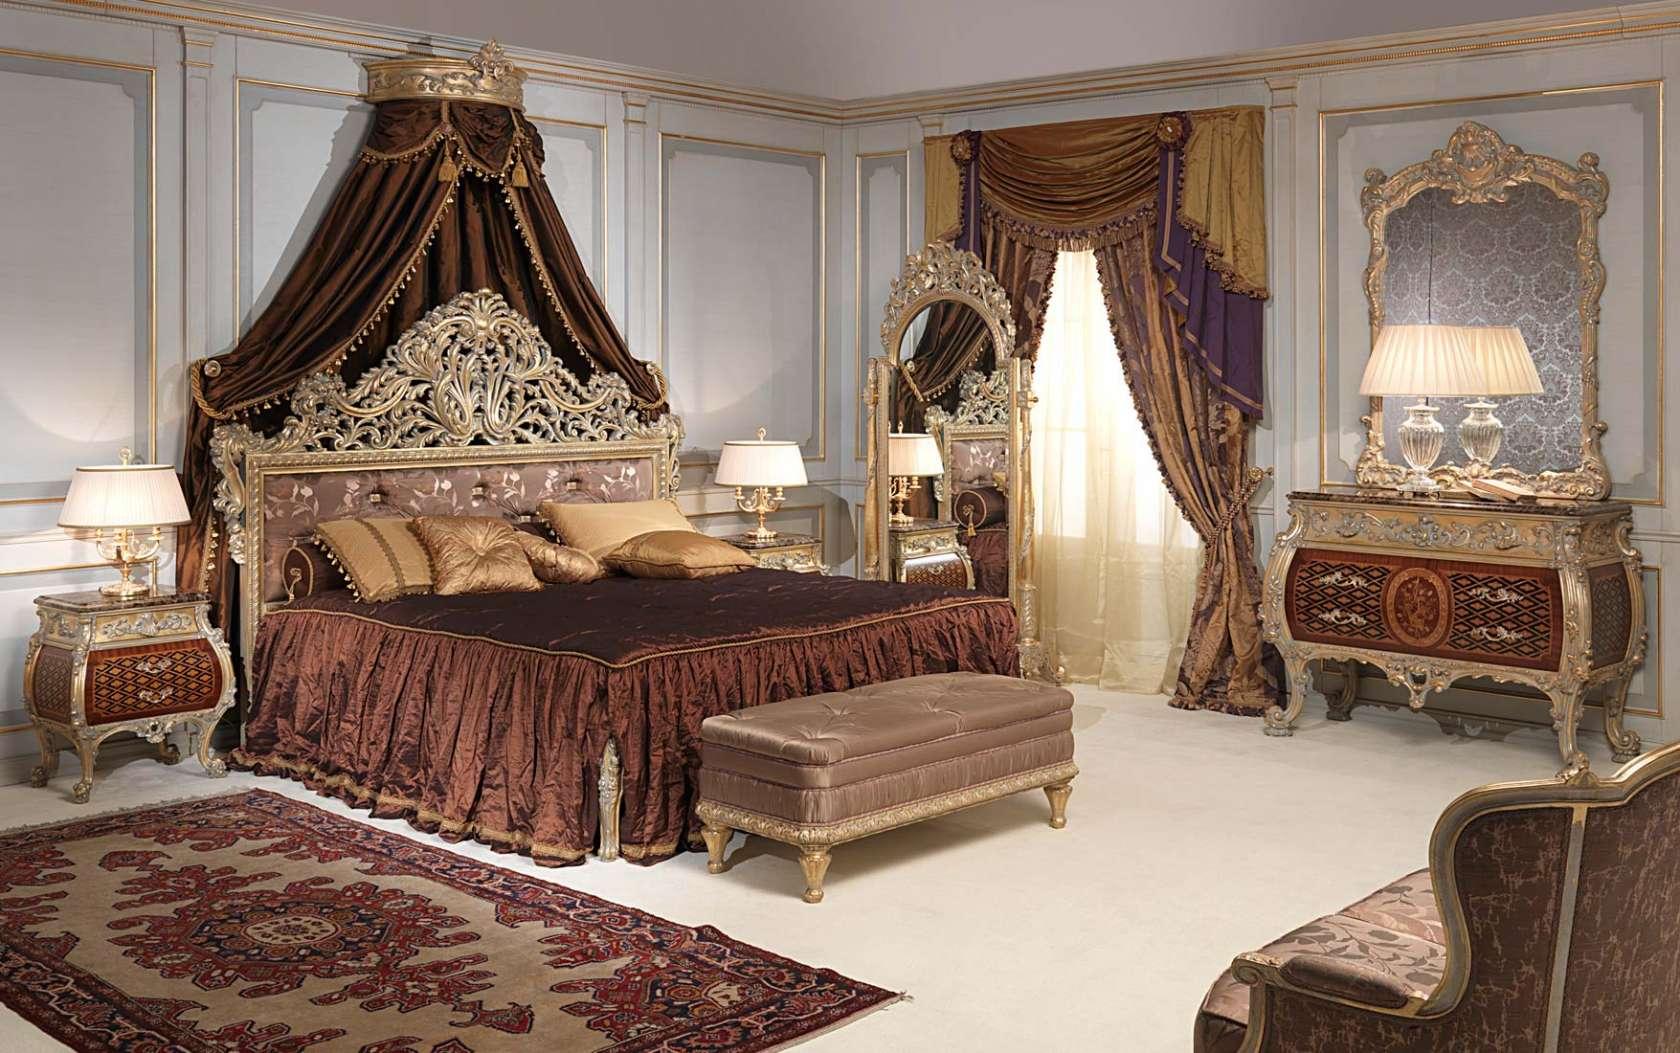 Immagini Di Camere Da Letto Classiche : Come arredare la camera da letto classica camere da letto